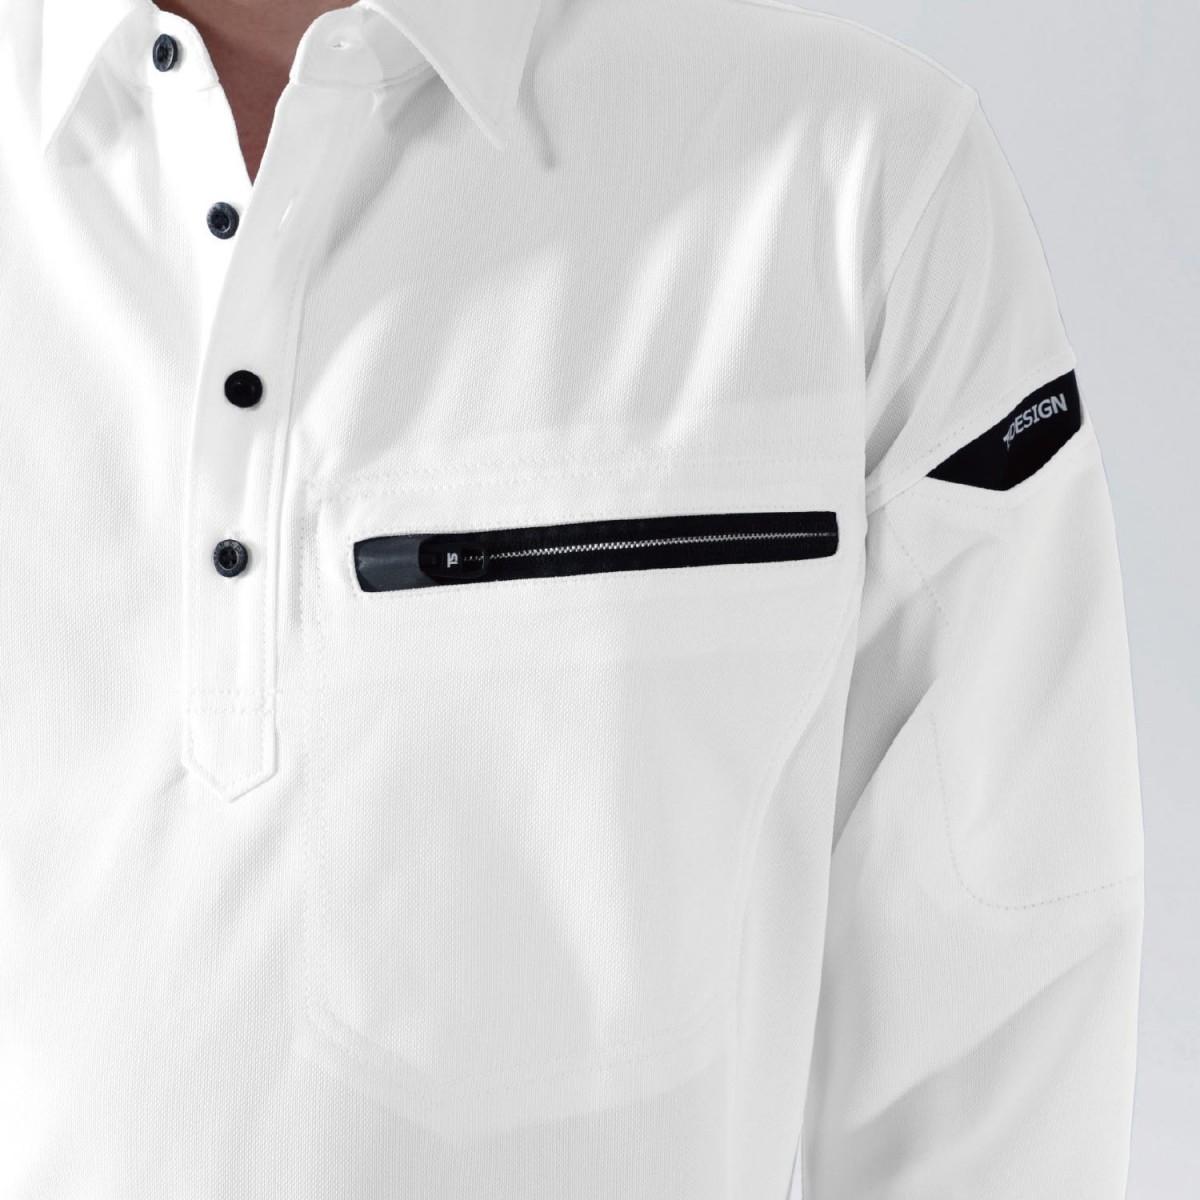 TS DESIGN 81305 ワークニットロングポロシャツ 左胸大型ファスナーで便利です。